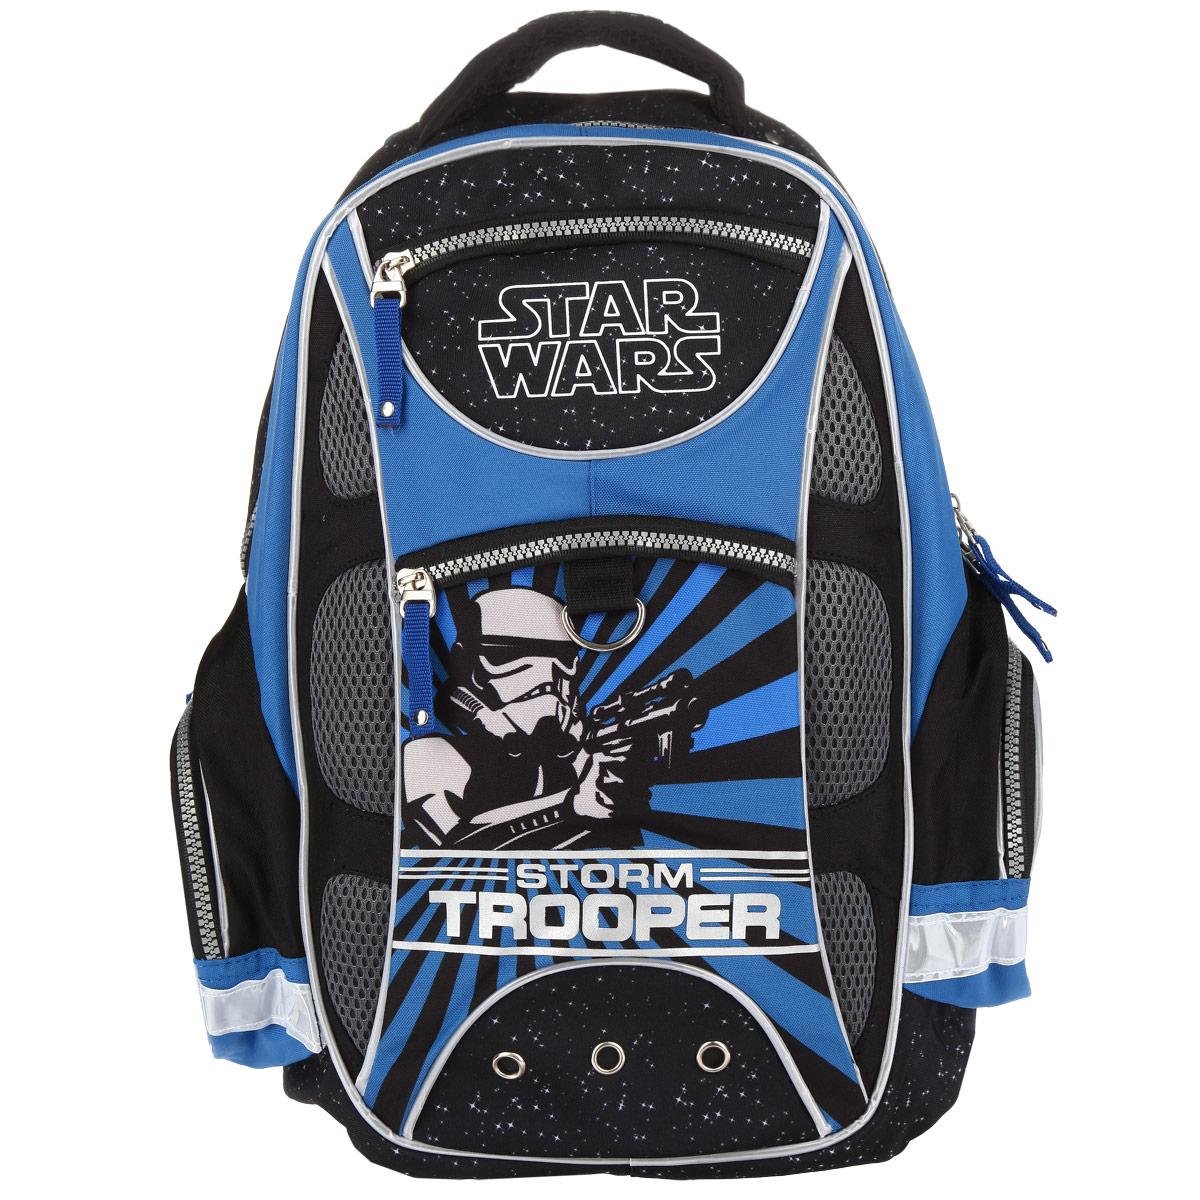 Рюкзак школьный Erich Krause Star Wars, цвет: синий37475Удобный современный школьный рюкзак Erich Krause Star Wars выполнен из прочного полиэстера и украшен изображением штурмовика иззнаменитого кинофильма Звездные войны. Рюкзак состоит из одного большого отделения, закрывающегося на застежку-молнию. Внутрирасполагается прорезной карман на застежке-молнии, 4 накладных кармашка для мелочей, 2 небольших, накладных кармашка для ручек икарандашей, прорезной карман-сетка на молнии и накладной карман с клапаном на липучке. На лицевой стороне рюкзака предусмотрены 2прорезных кармана, закрывающиеся на застежки-молнии. По бокам расположены 2 накладных кармана на молнии.Эргономичная ортопедическая спинка с жесткой вставкой обеспечивает комфорт при носке, а широкие лямки S-образной формы с мягкой прокладкойи отражающими полосками регулируются по длине и надежно фиксируют ранец на спине ребенка, правильно распределяя нагрузку ипредотвращая перенапряжение мышц. Рюкзак оснащен петлей для подвешивания, мягкой ручкой для переноски и пластиковыми ножками, защищающими дно от загрязнений.